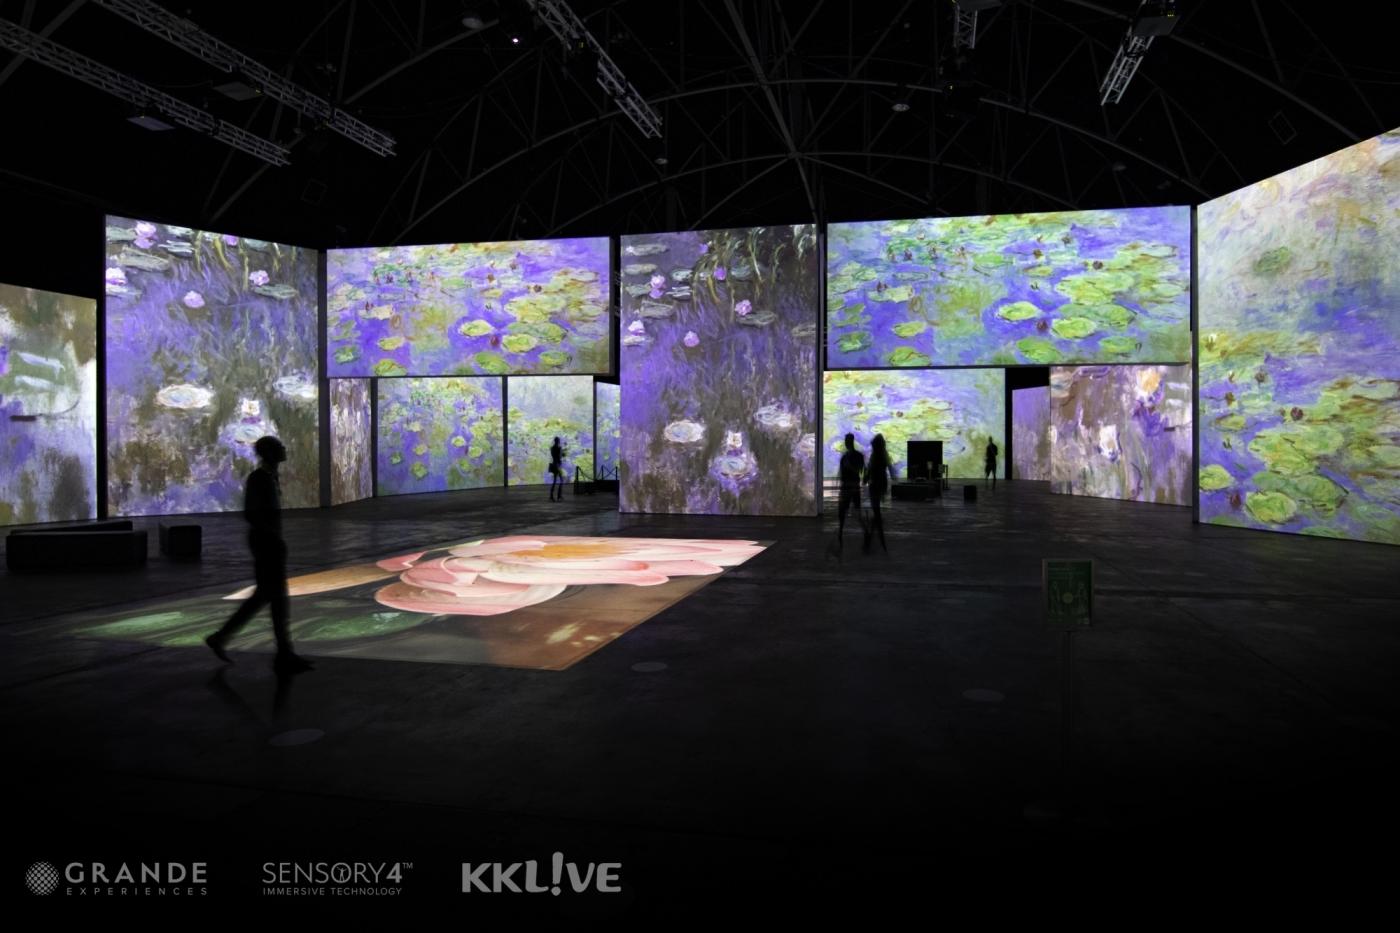 印象莫內-光影體驗展高雄MF_莫內 Claude Monet 01.jpg